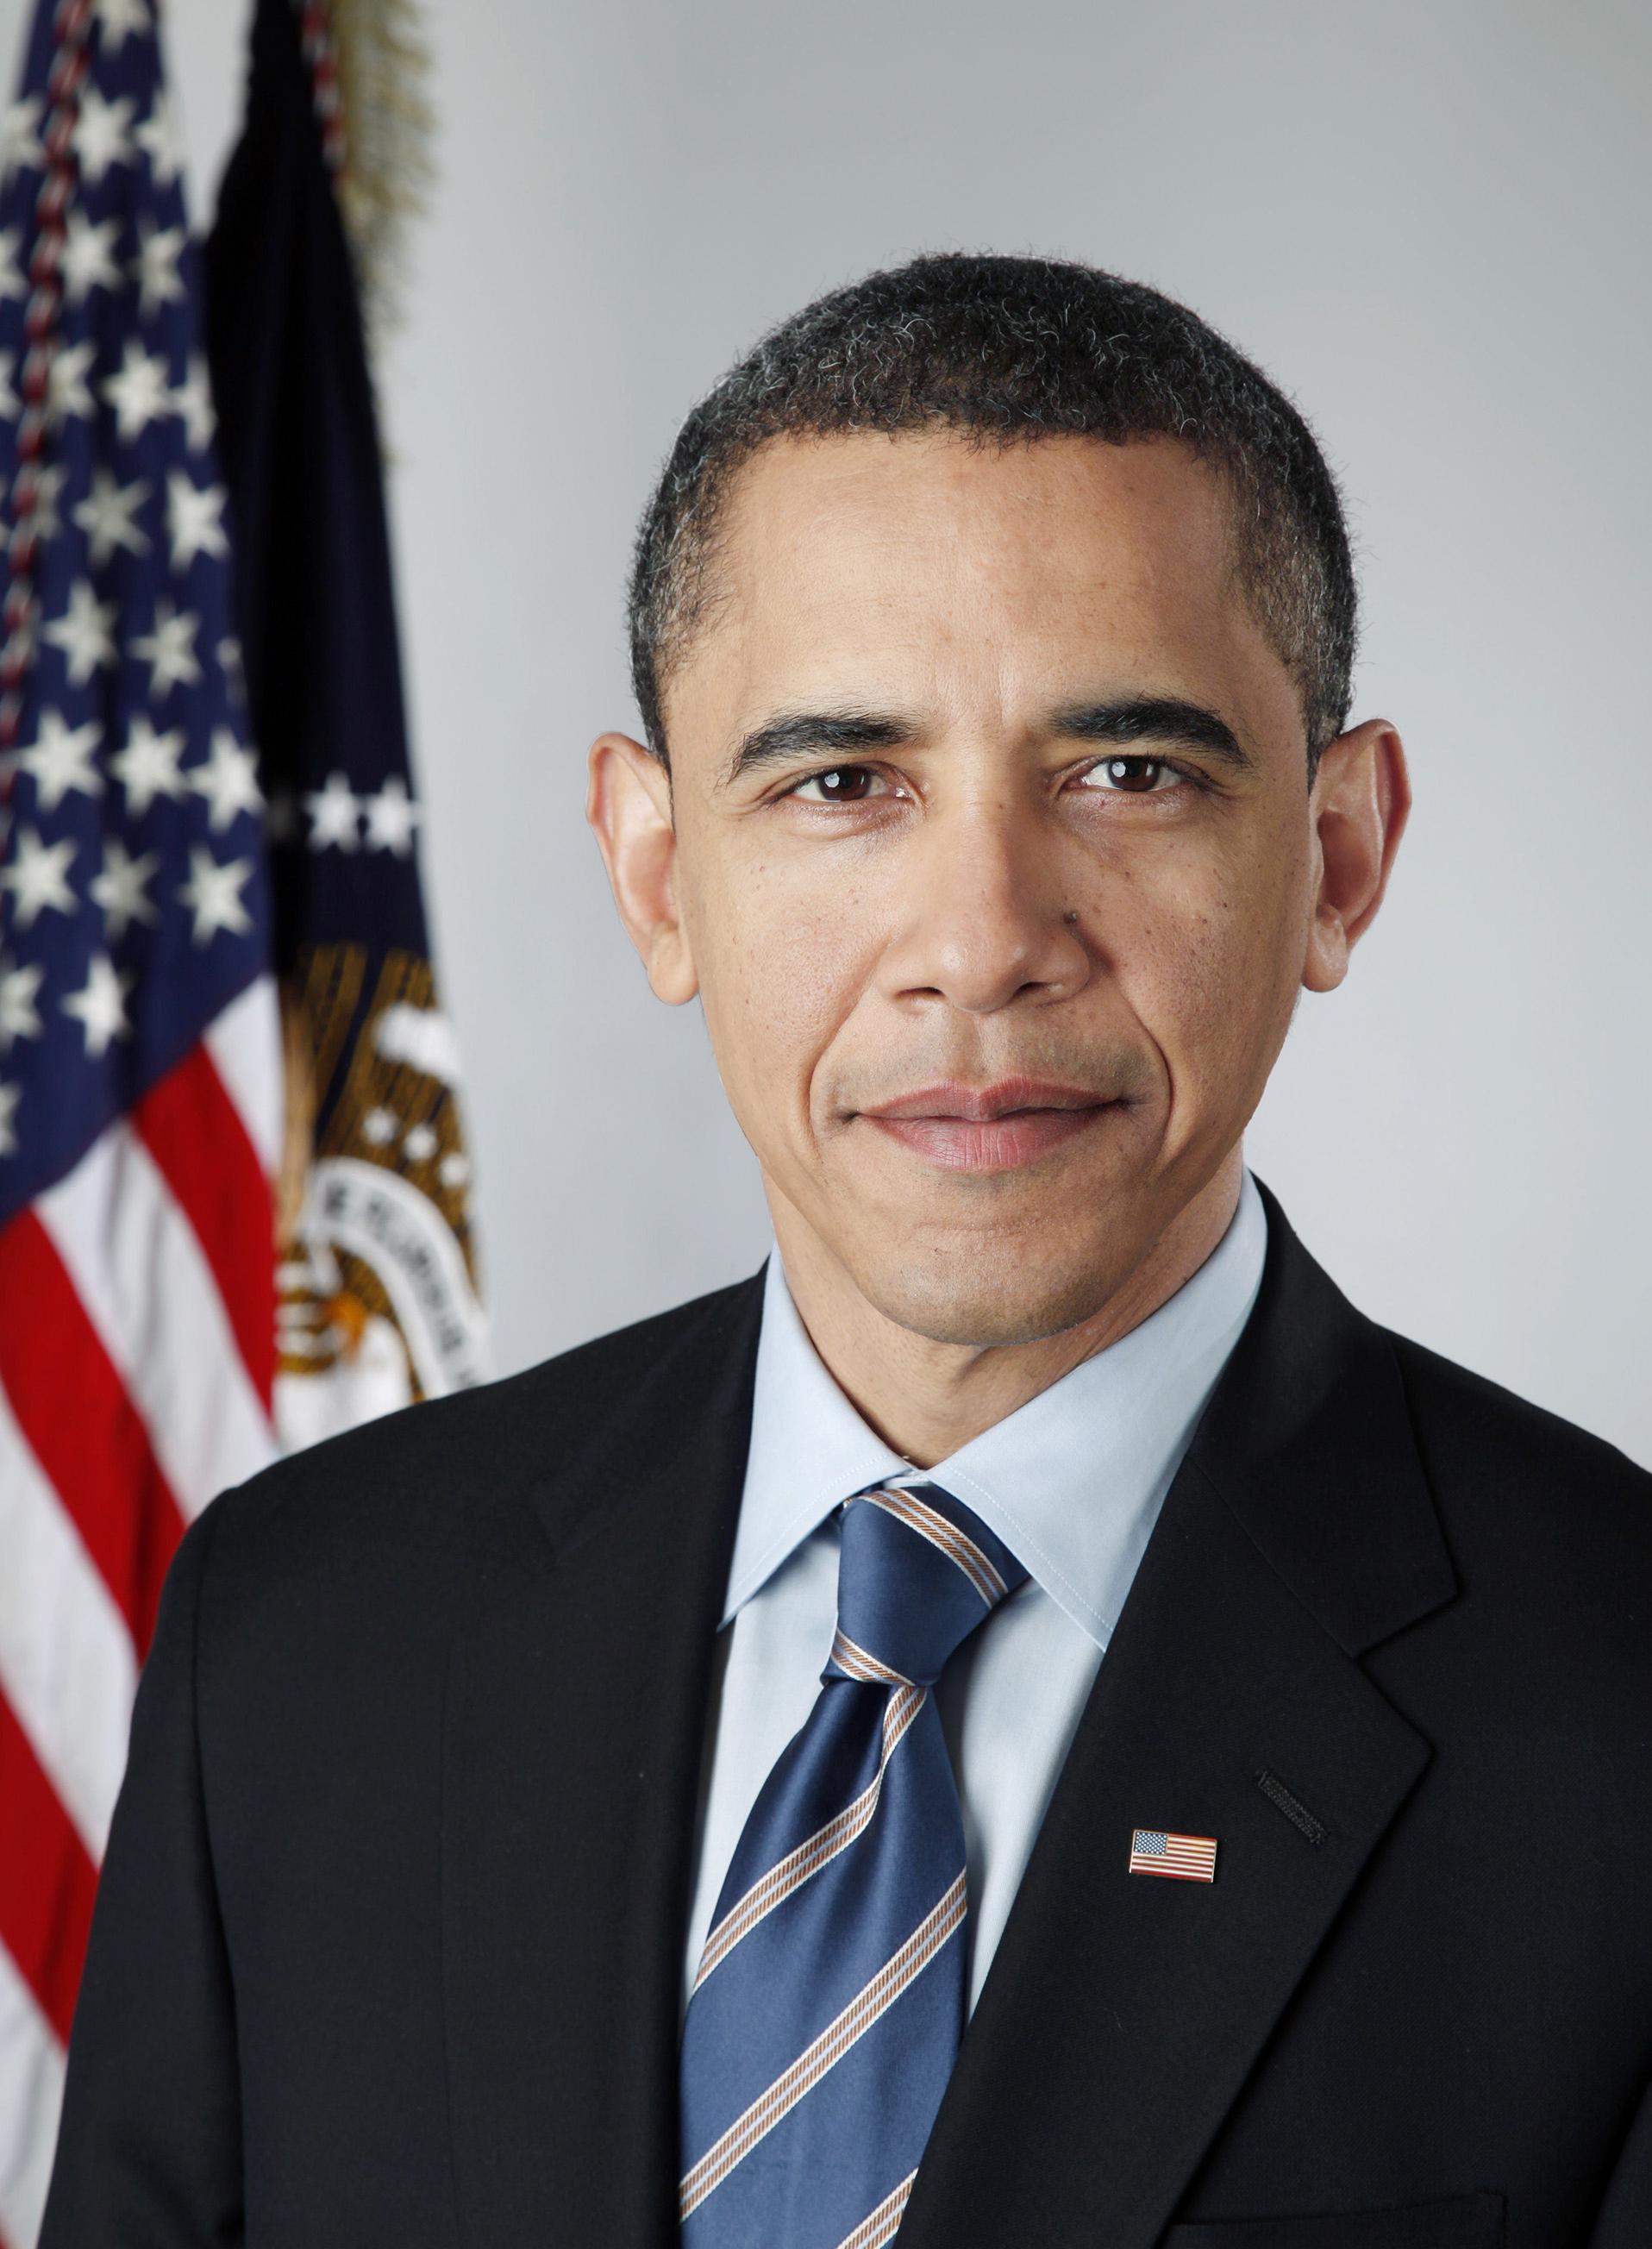 Obama 750.jpg